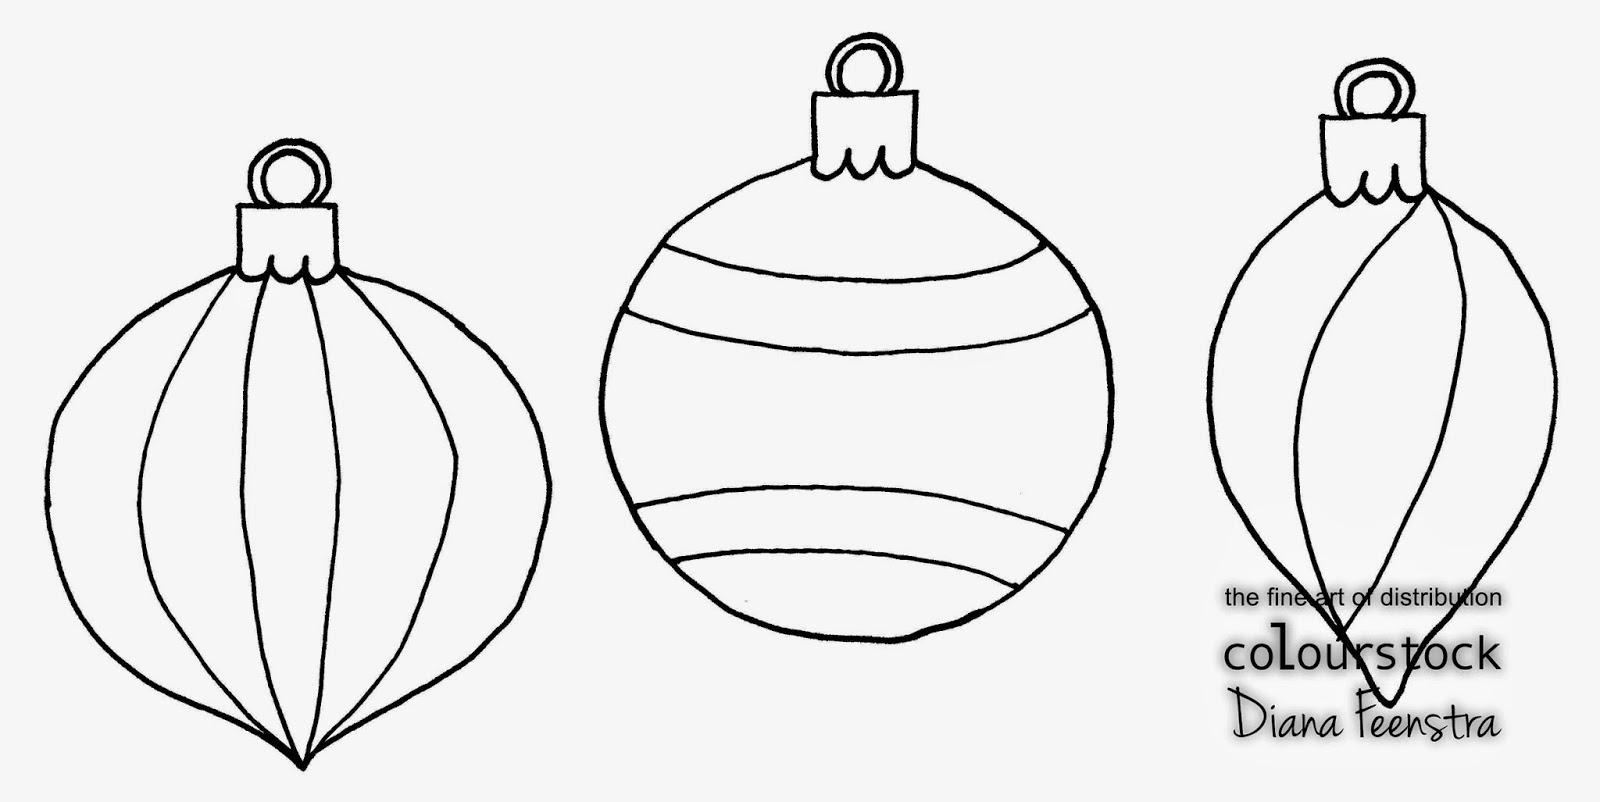 Colourstock Kerstballen